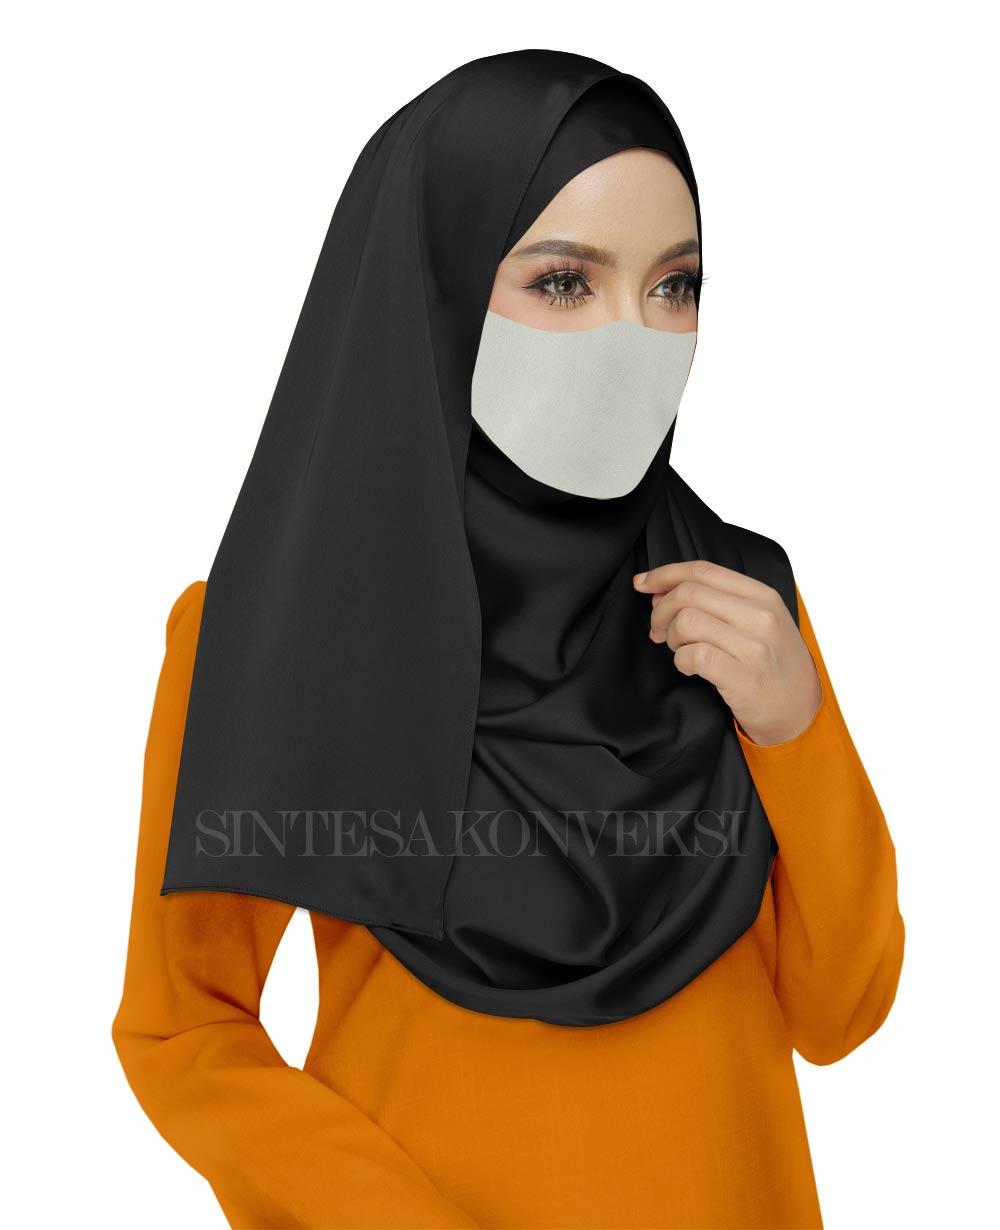 baju orange cocok dengan warna jilbab apa